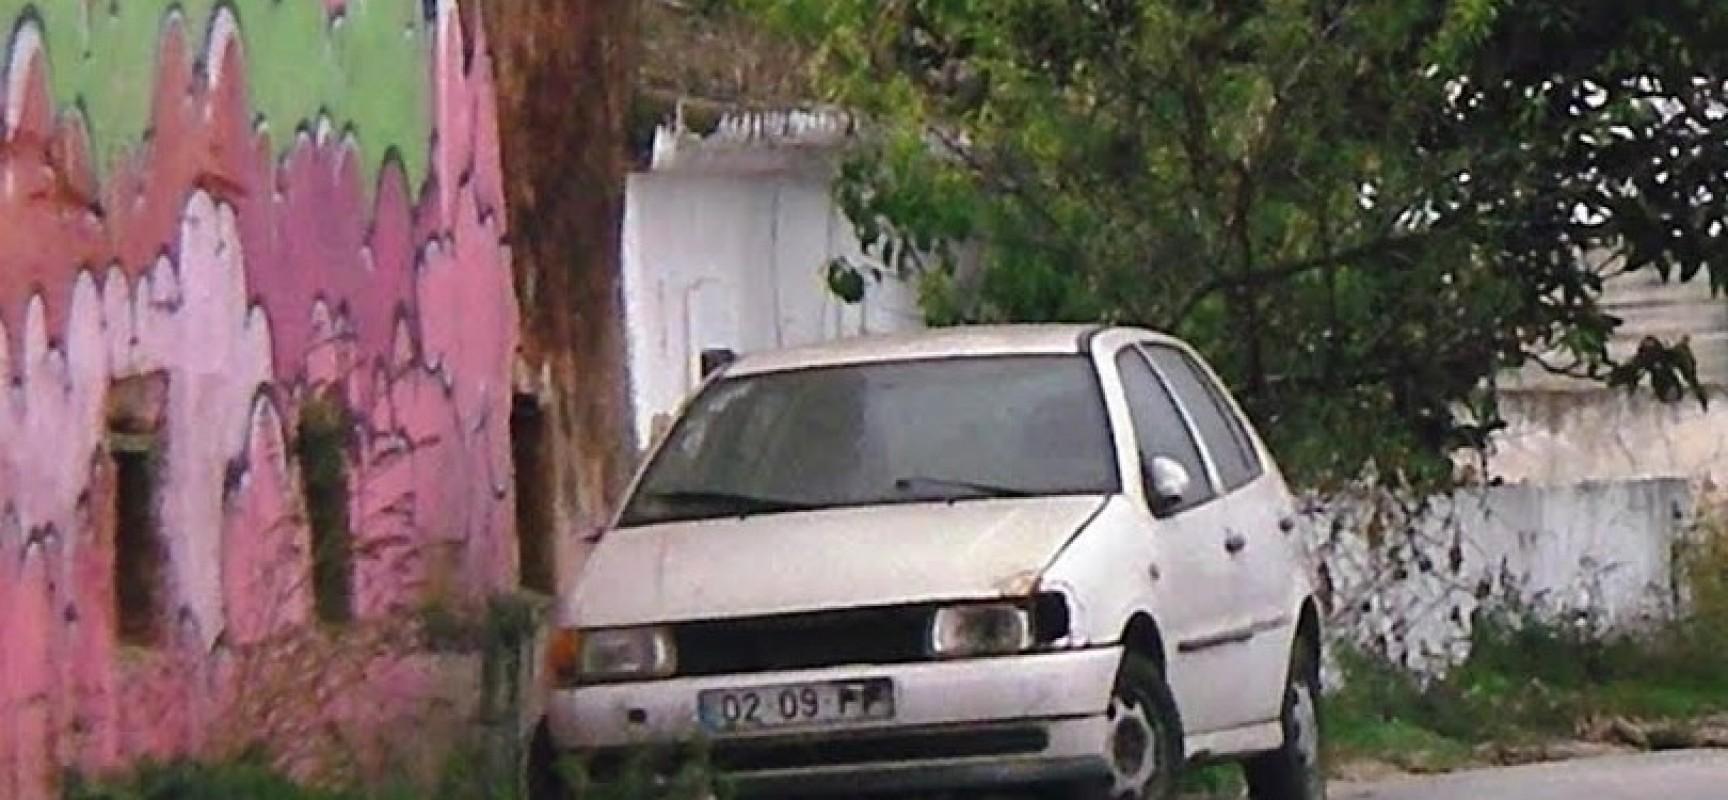 Prefeitura vai recolher carros abandonados das ruas de Ilhéus